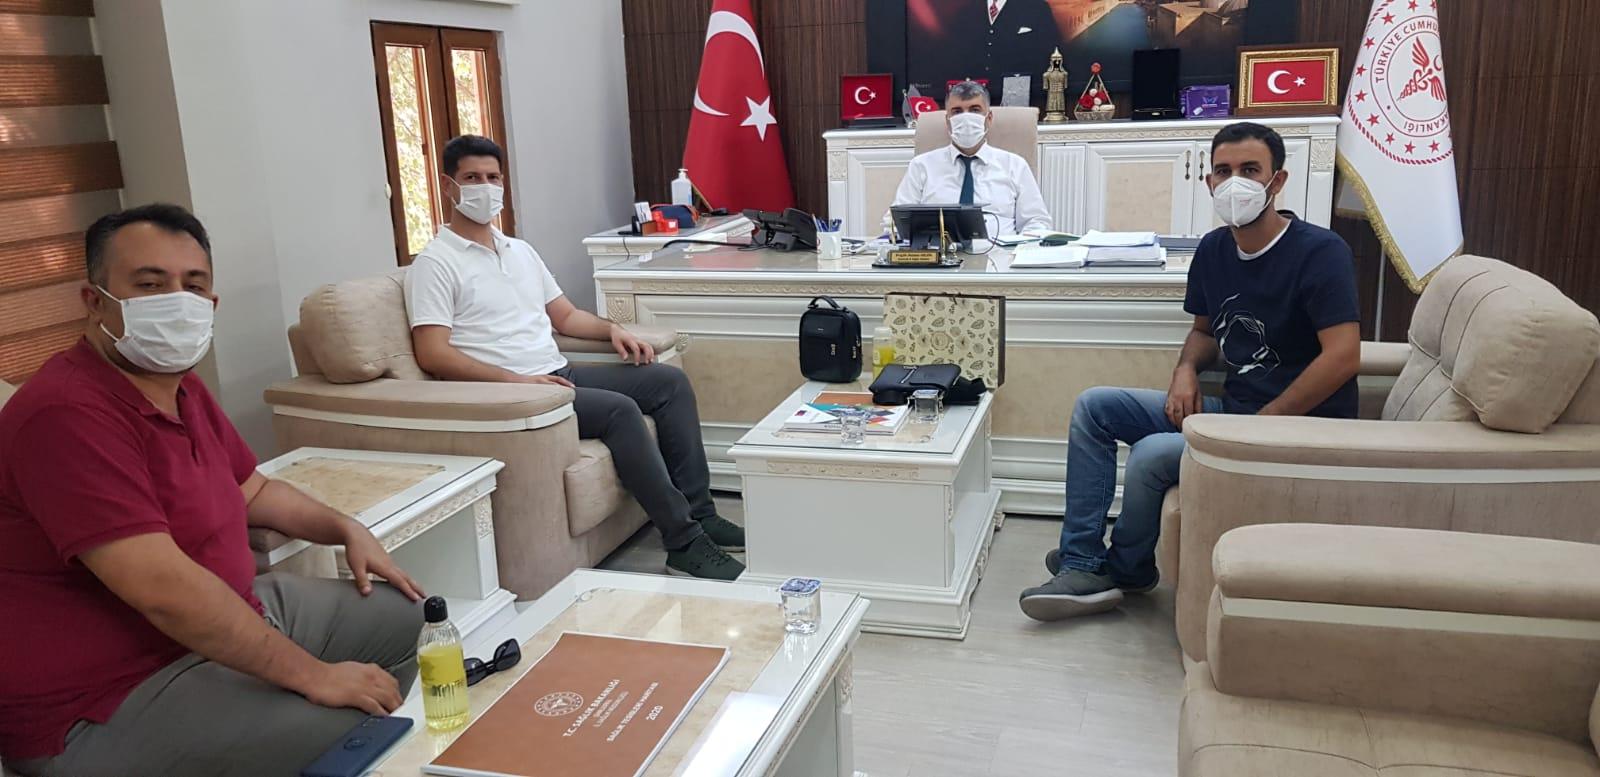 İl Sağlık Müdürümüz Prof. Dr. Mehmet GÜLÜM'e Hayırlı Olsun Ziyaretinde Bulunduk